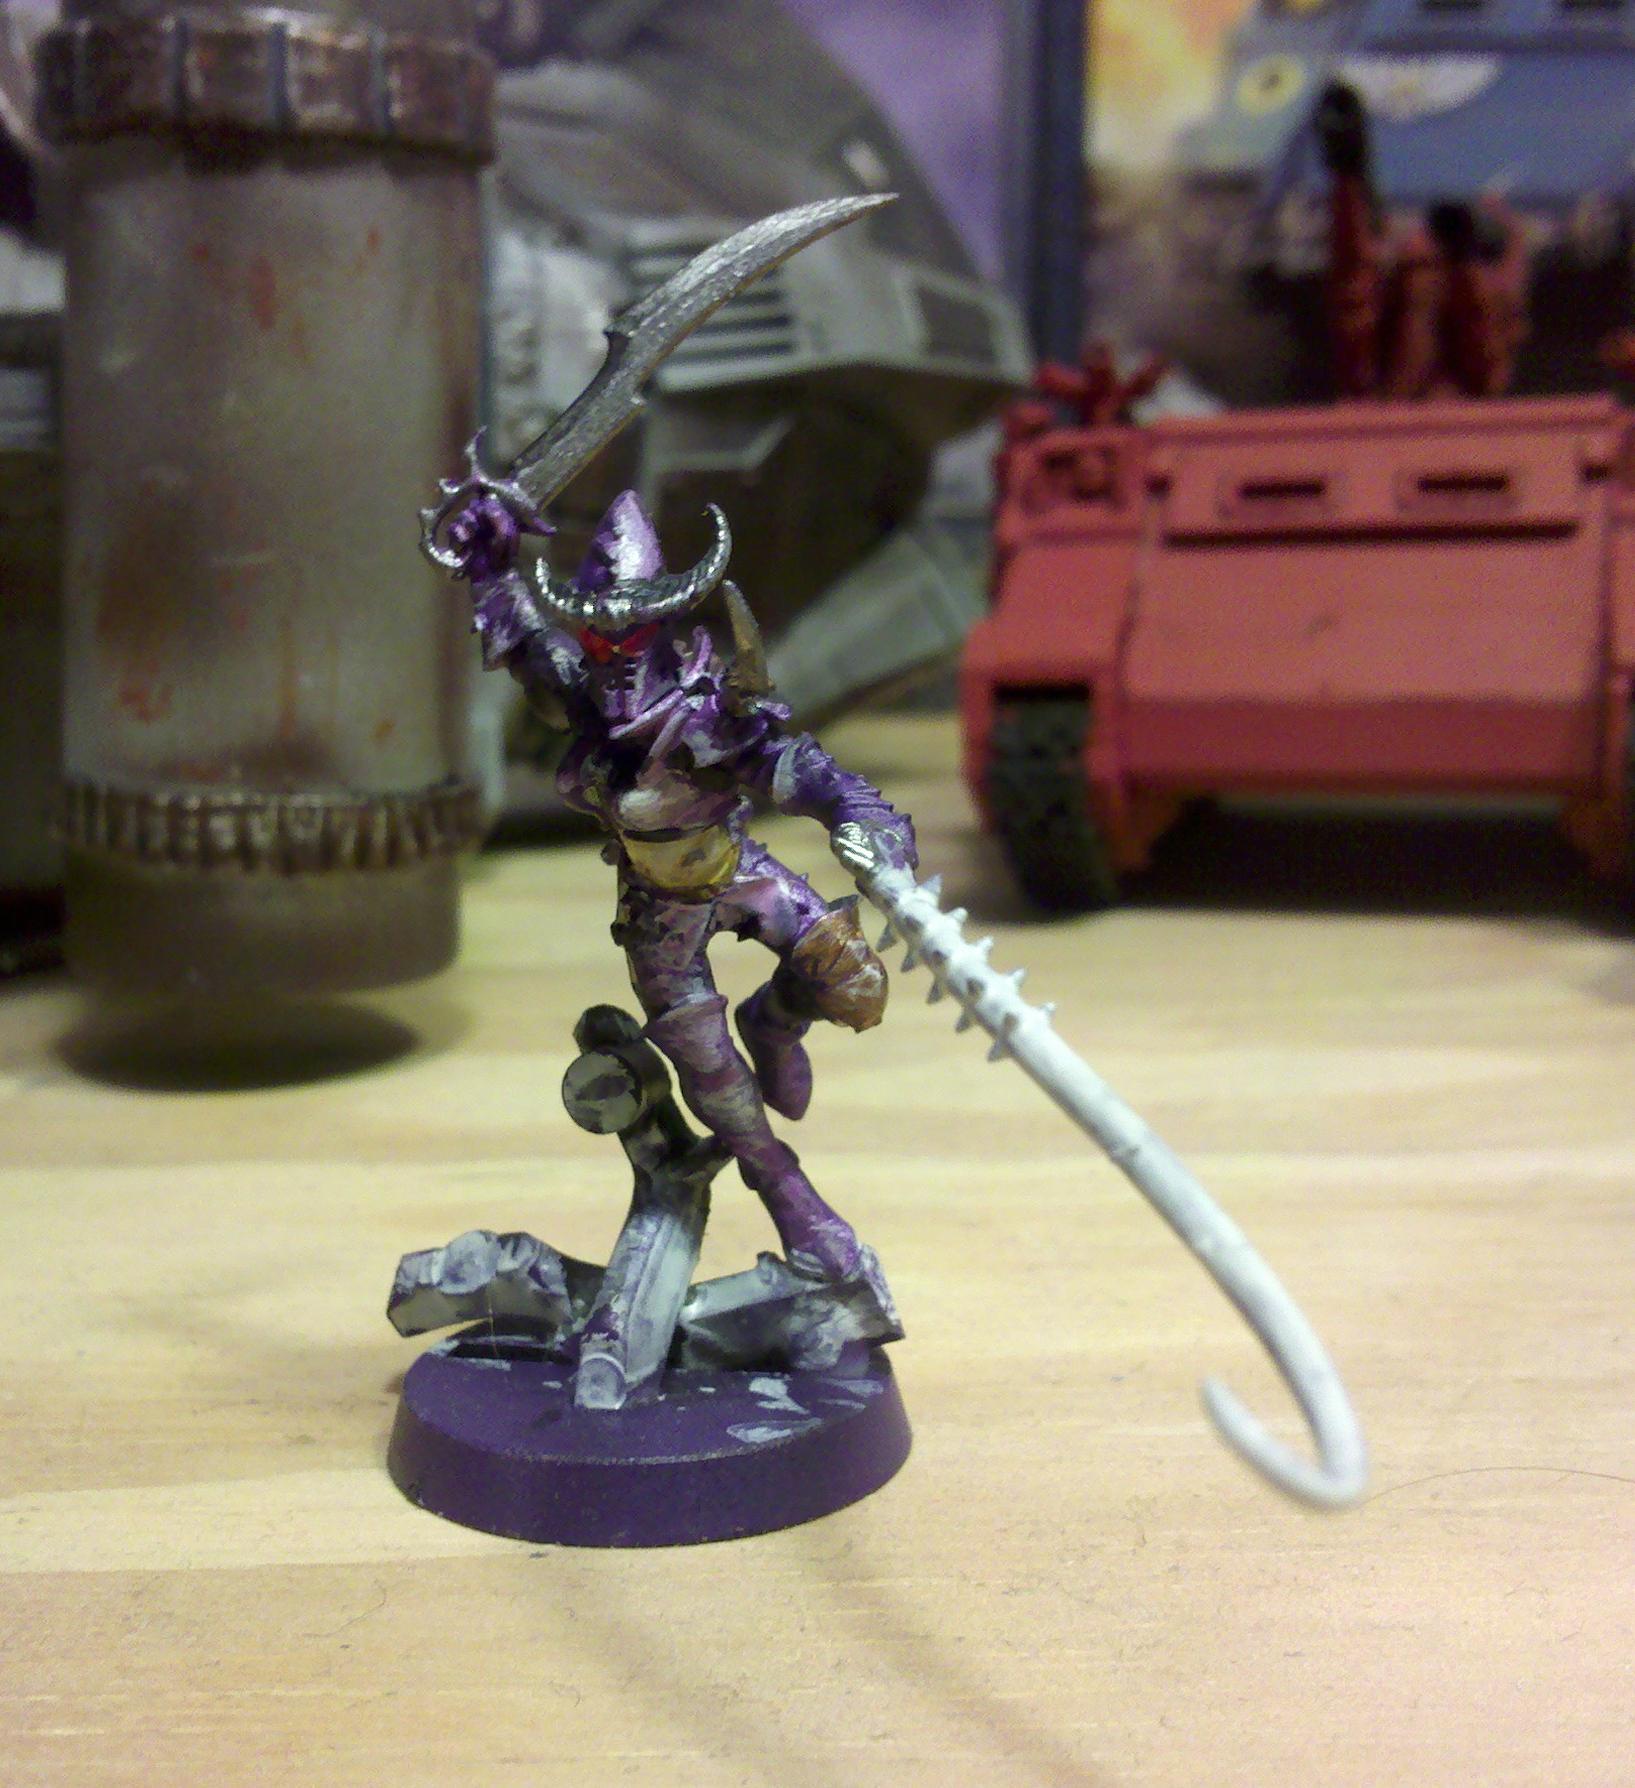 Agonizer, Custom, Dark Eldar, Hekatrix, Warriors, Wych